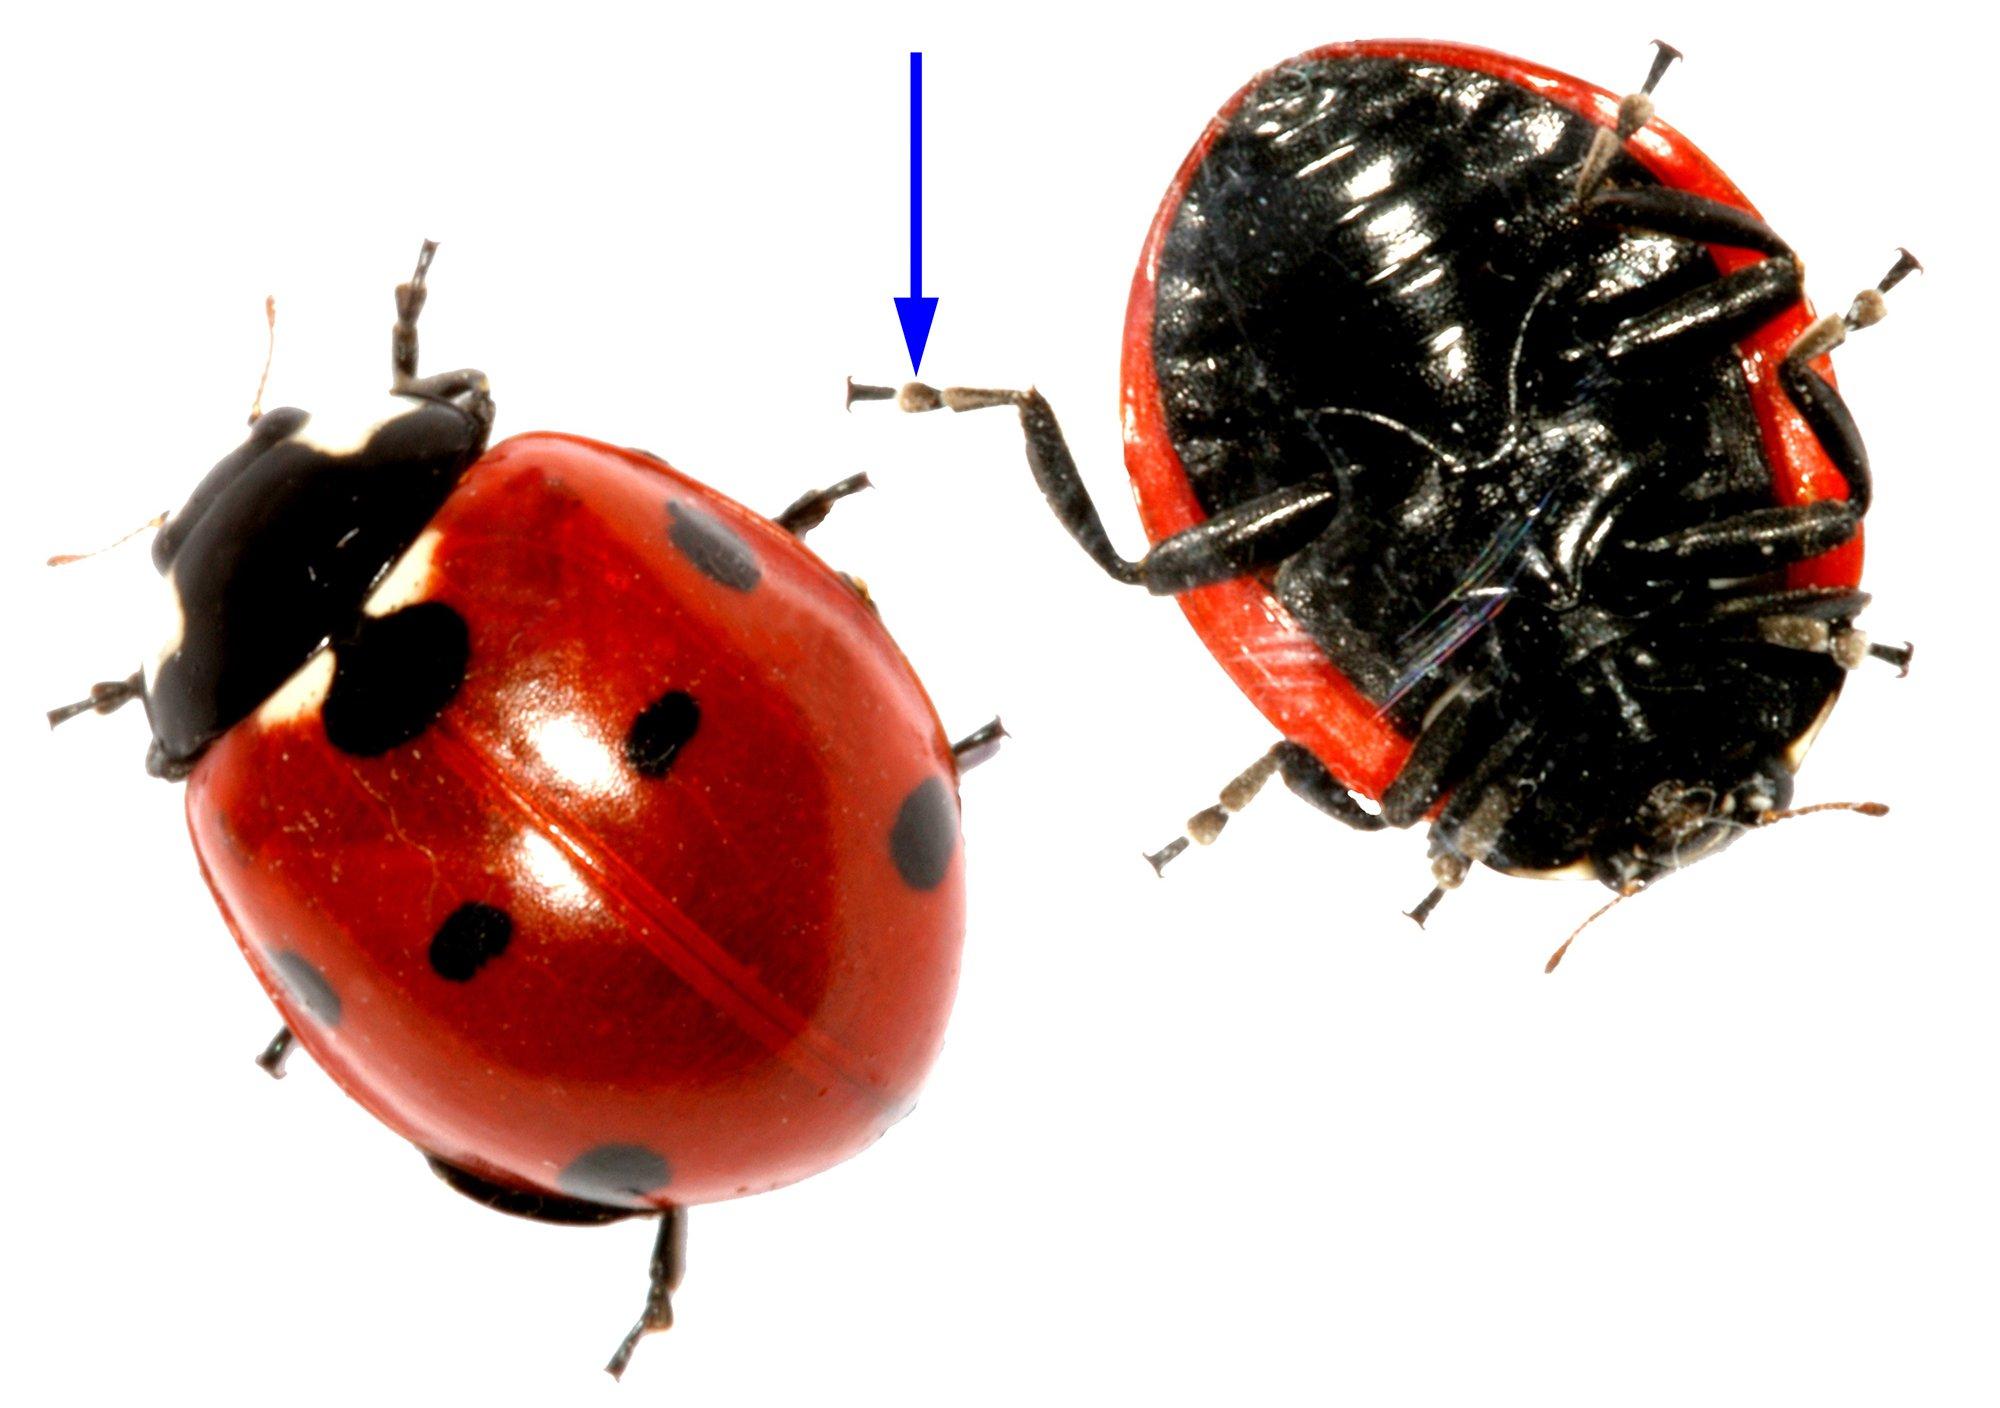 Oberseite und Unterseite eines Siebenpunkt-Marienkäfers: Der blaue Pfeil markiert exemplarisch eines der Hafthaarpolster des Käfers.